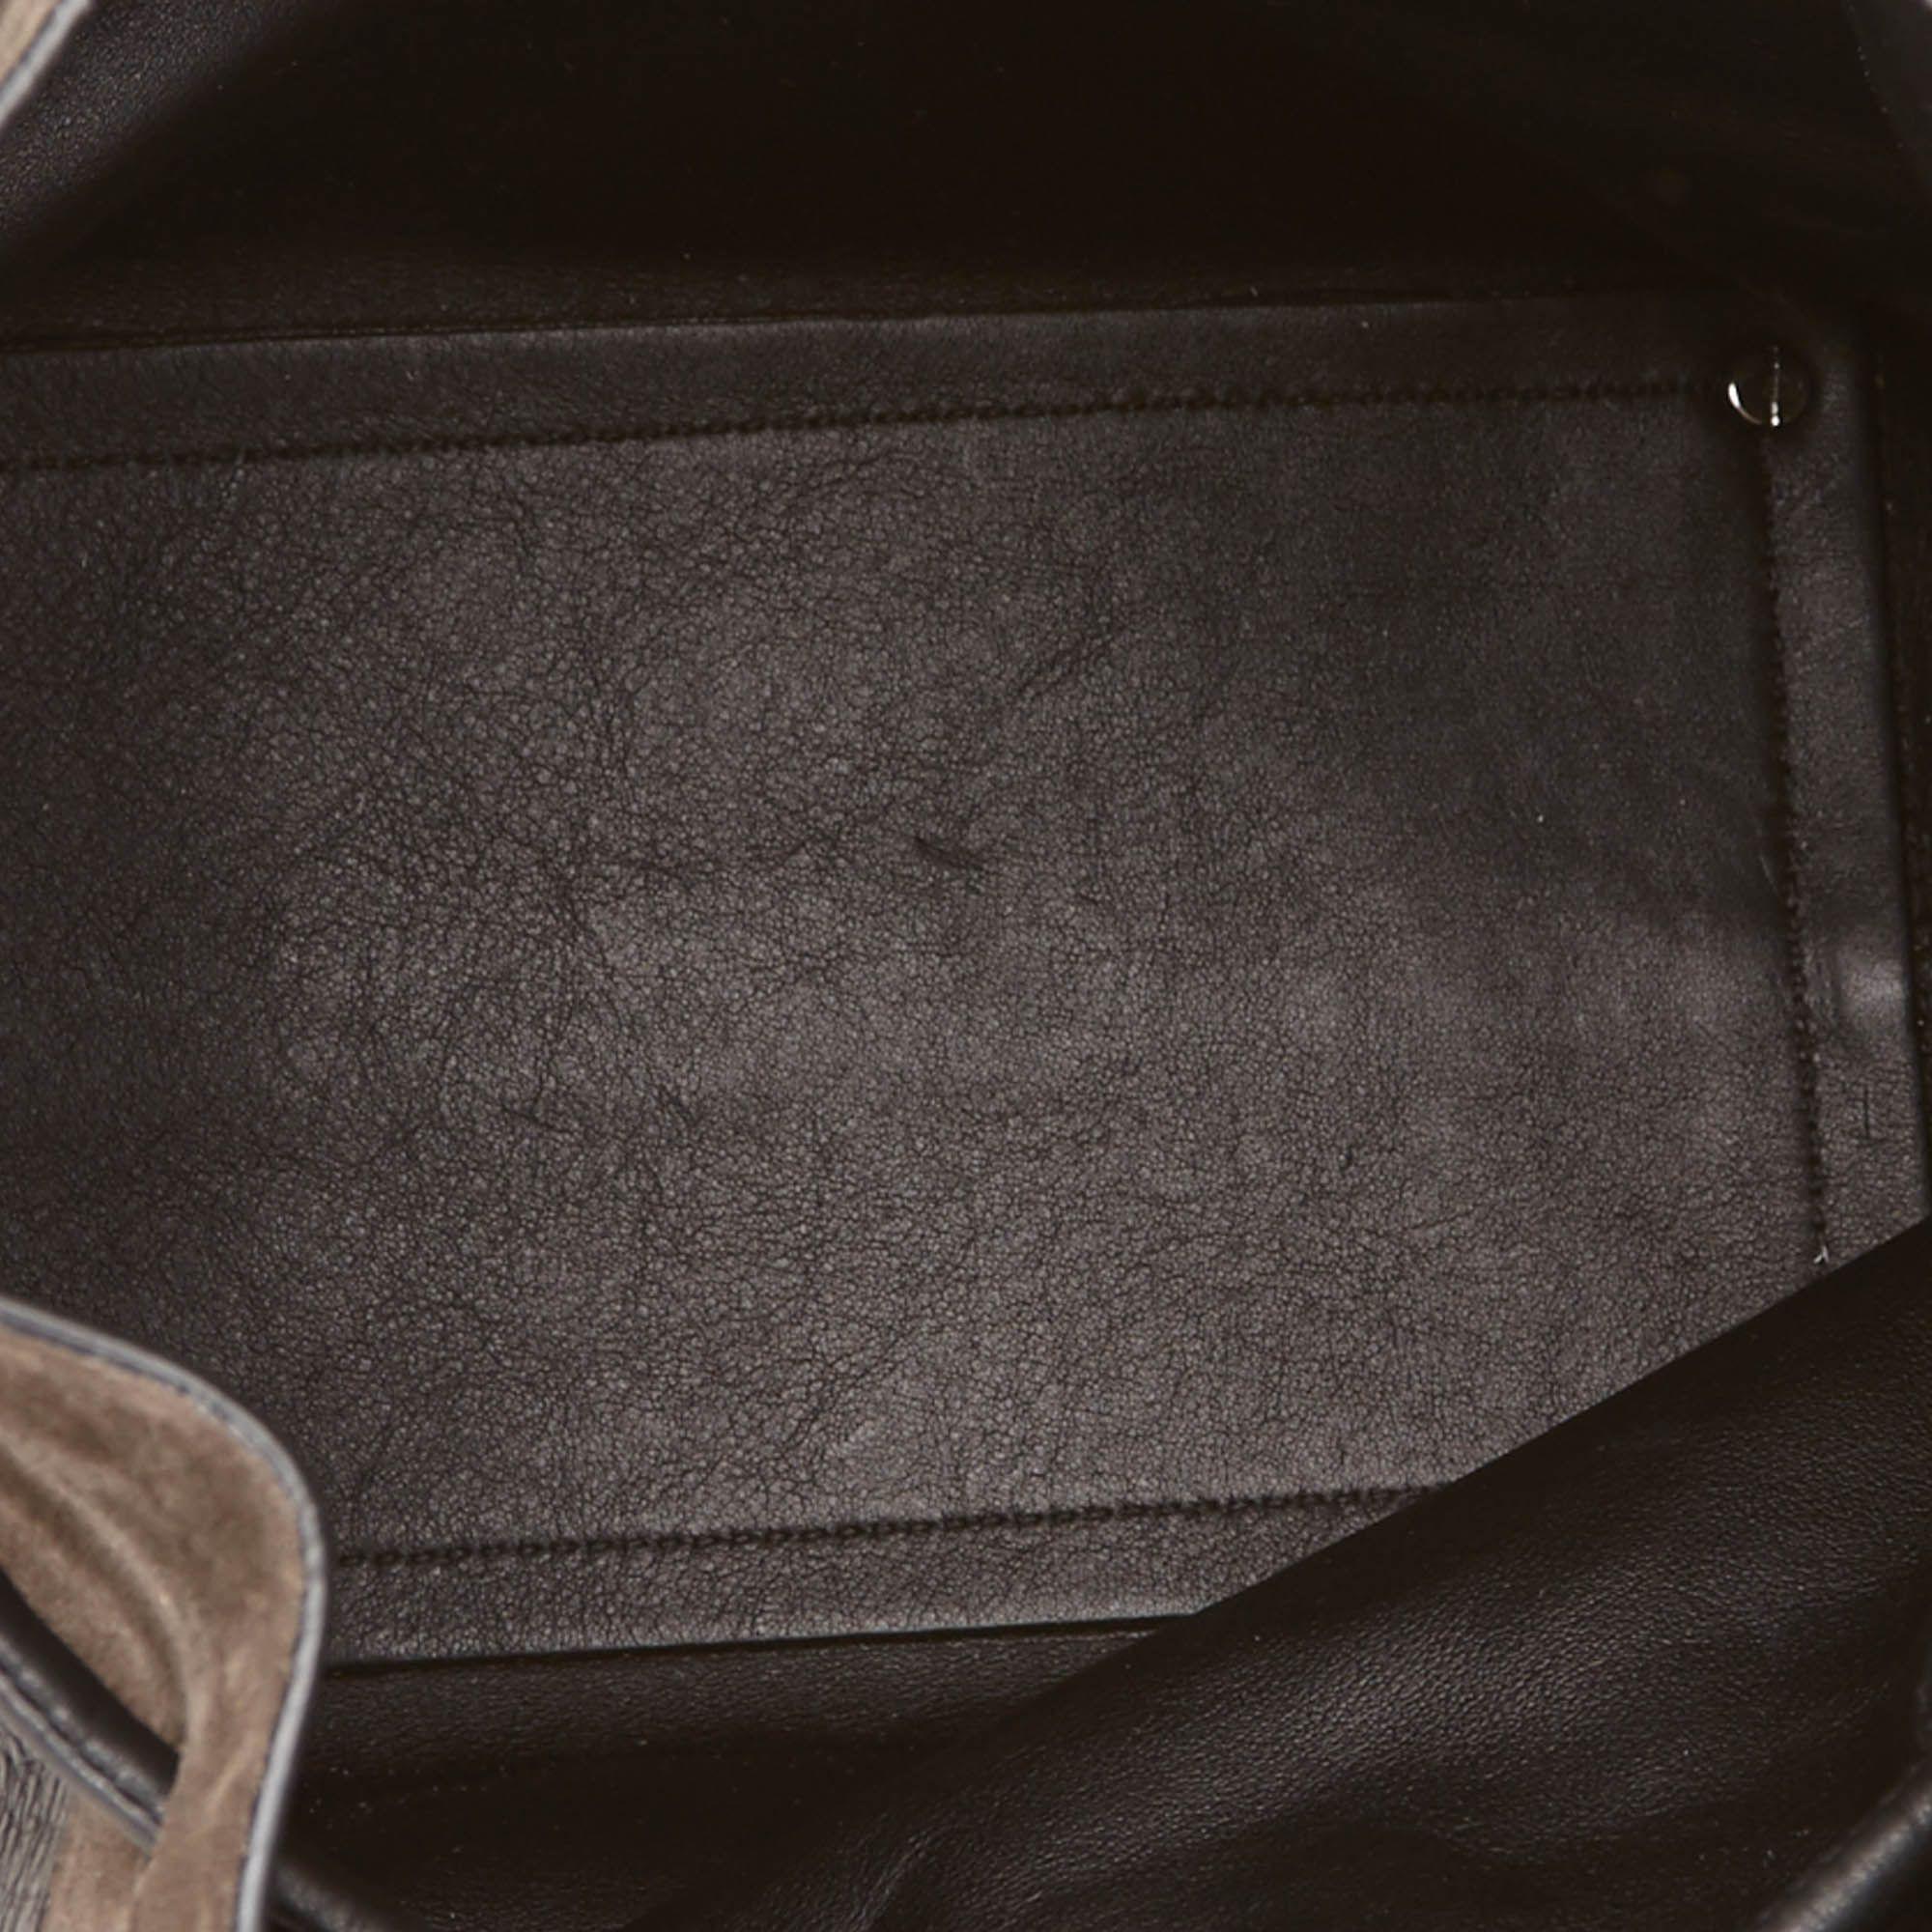 Proenza Schouler Leather Shoulder Bag Black